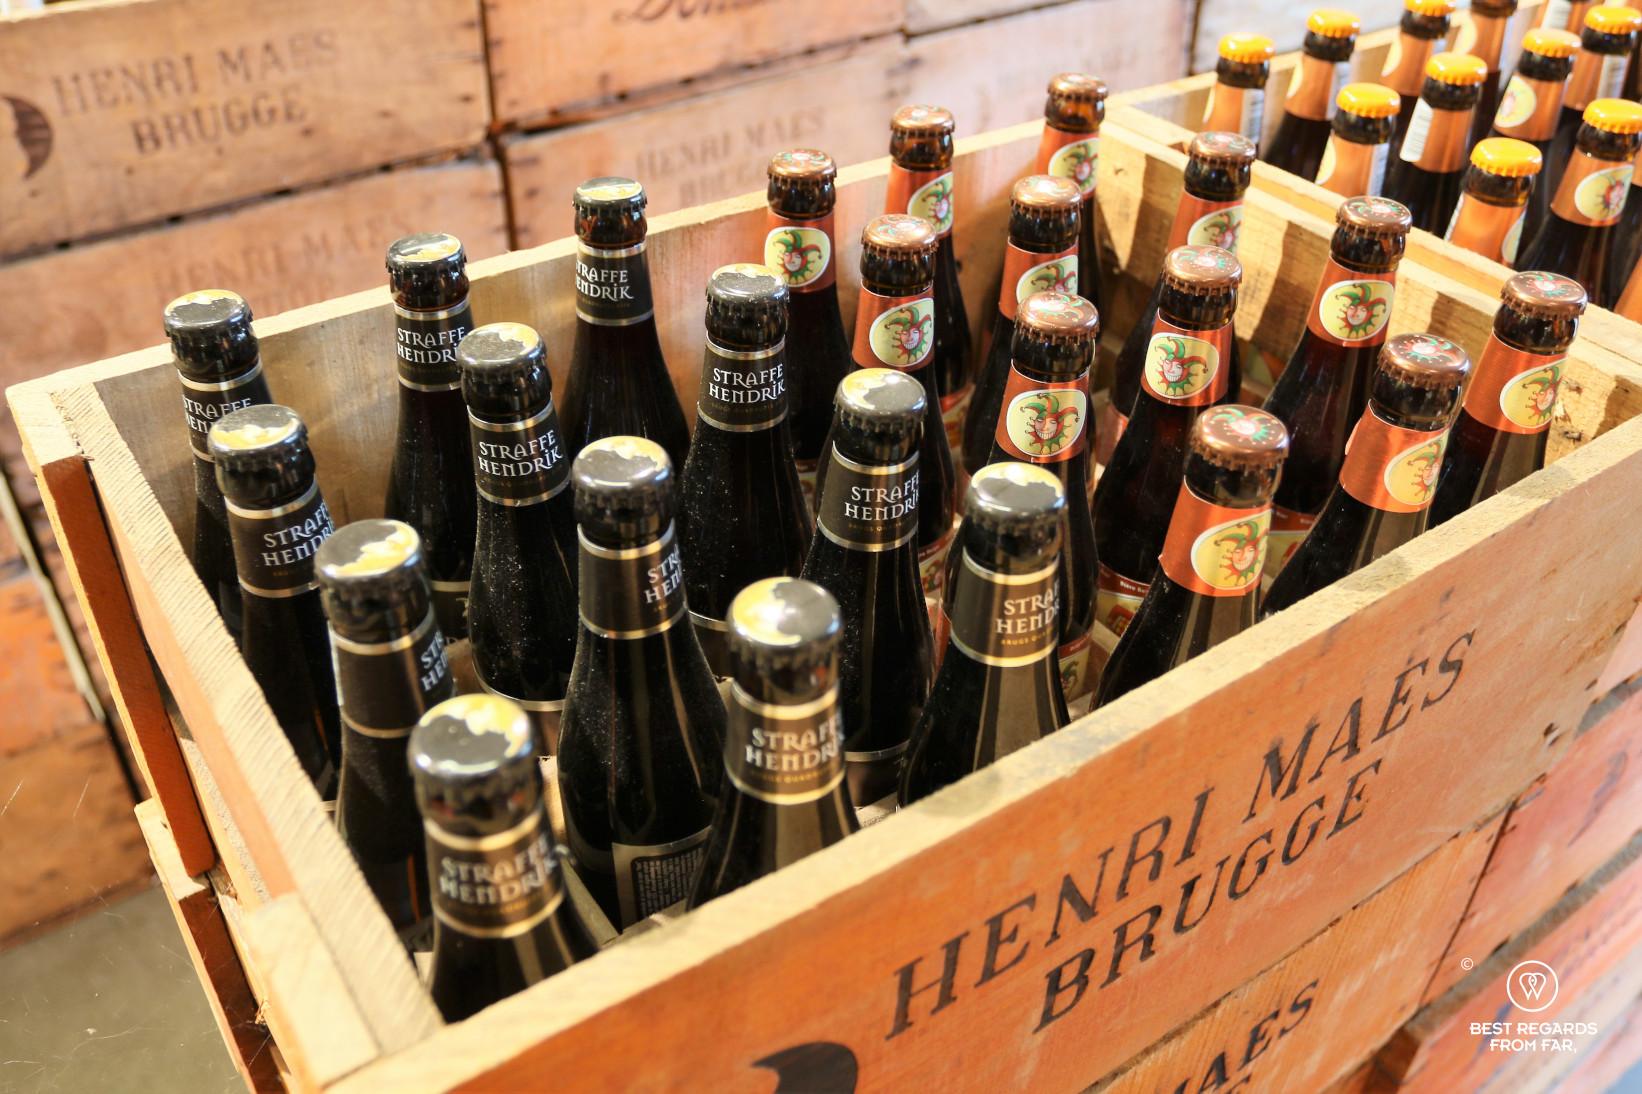 Bottles of beer at De Halve Maan brewery, Bruges, Belgium.